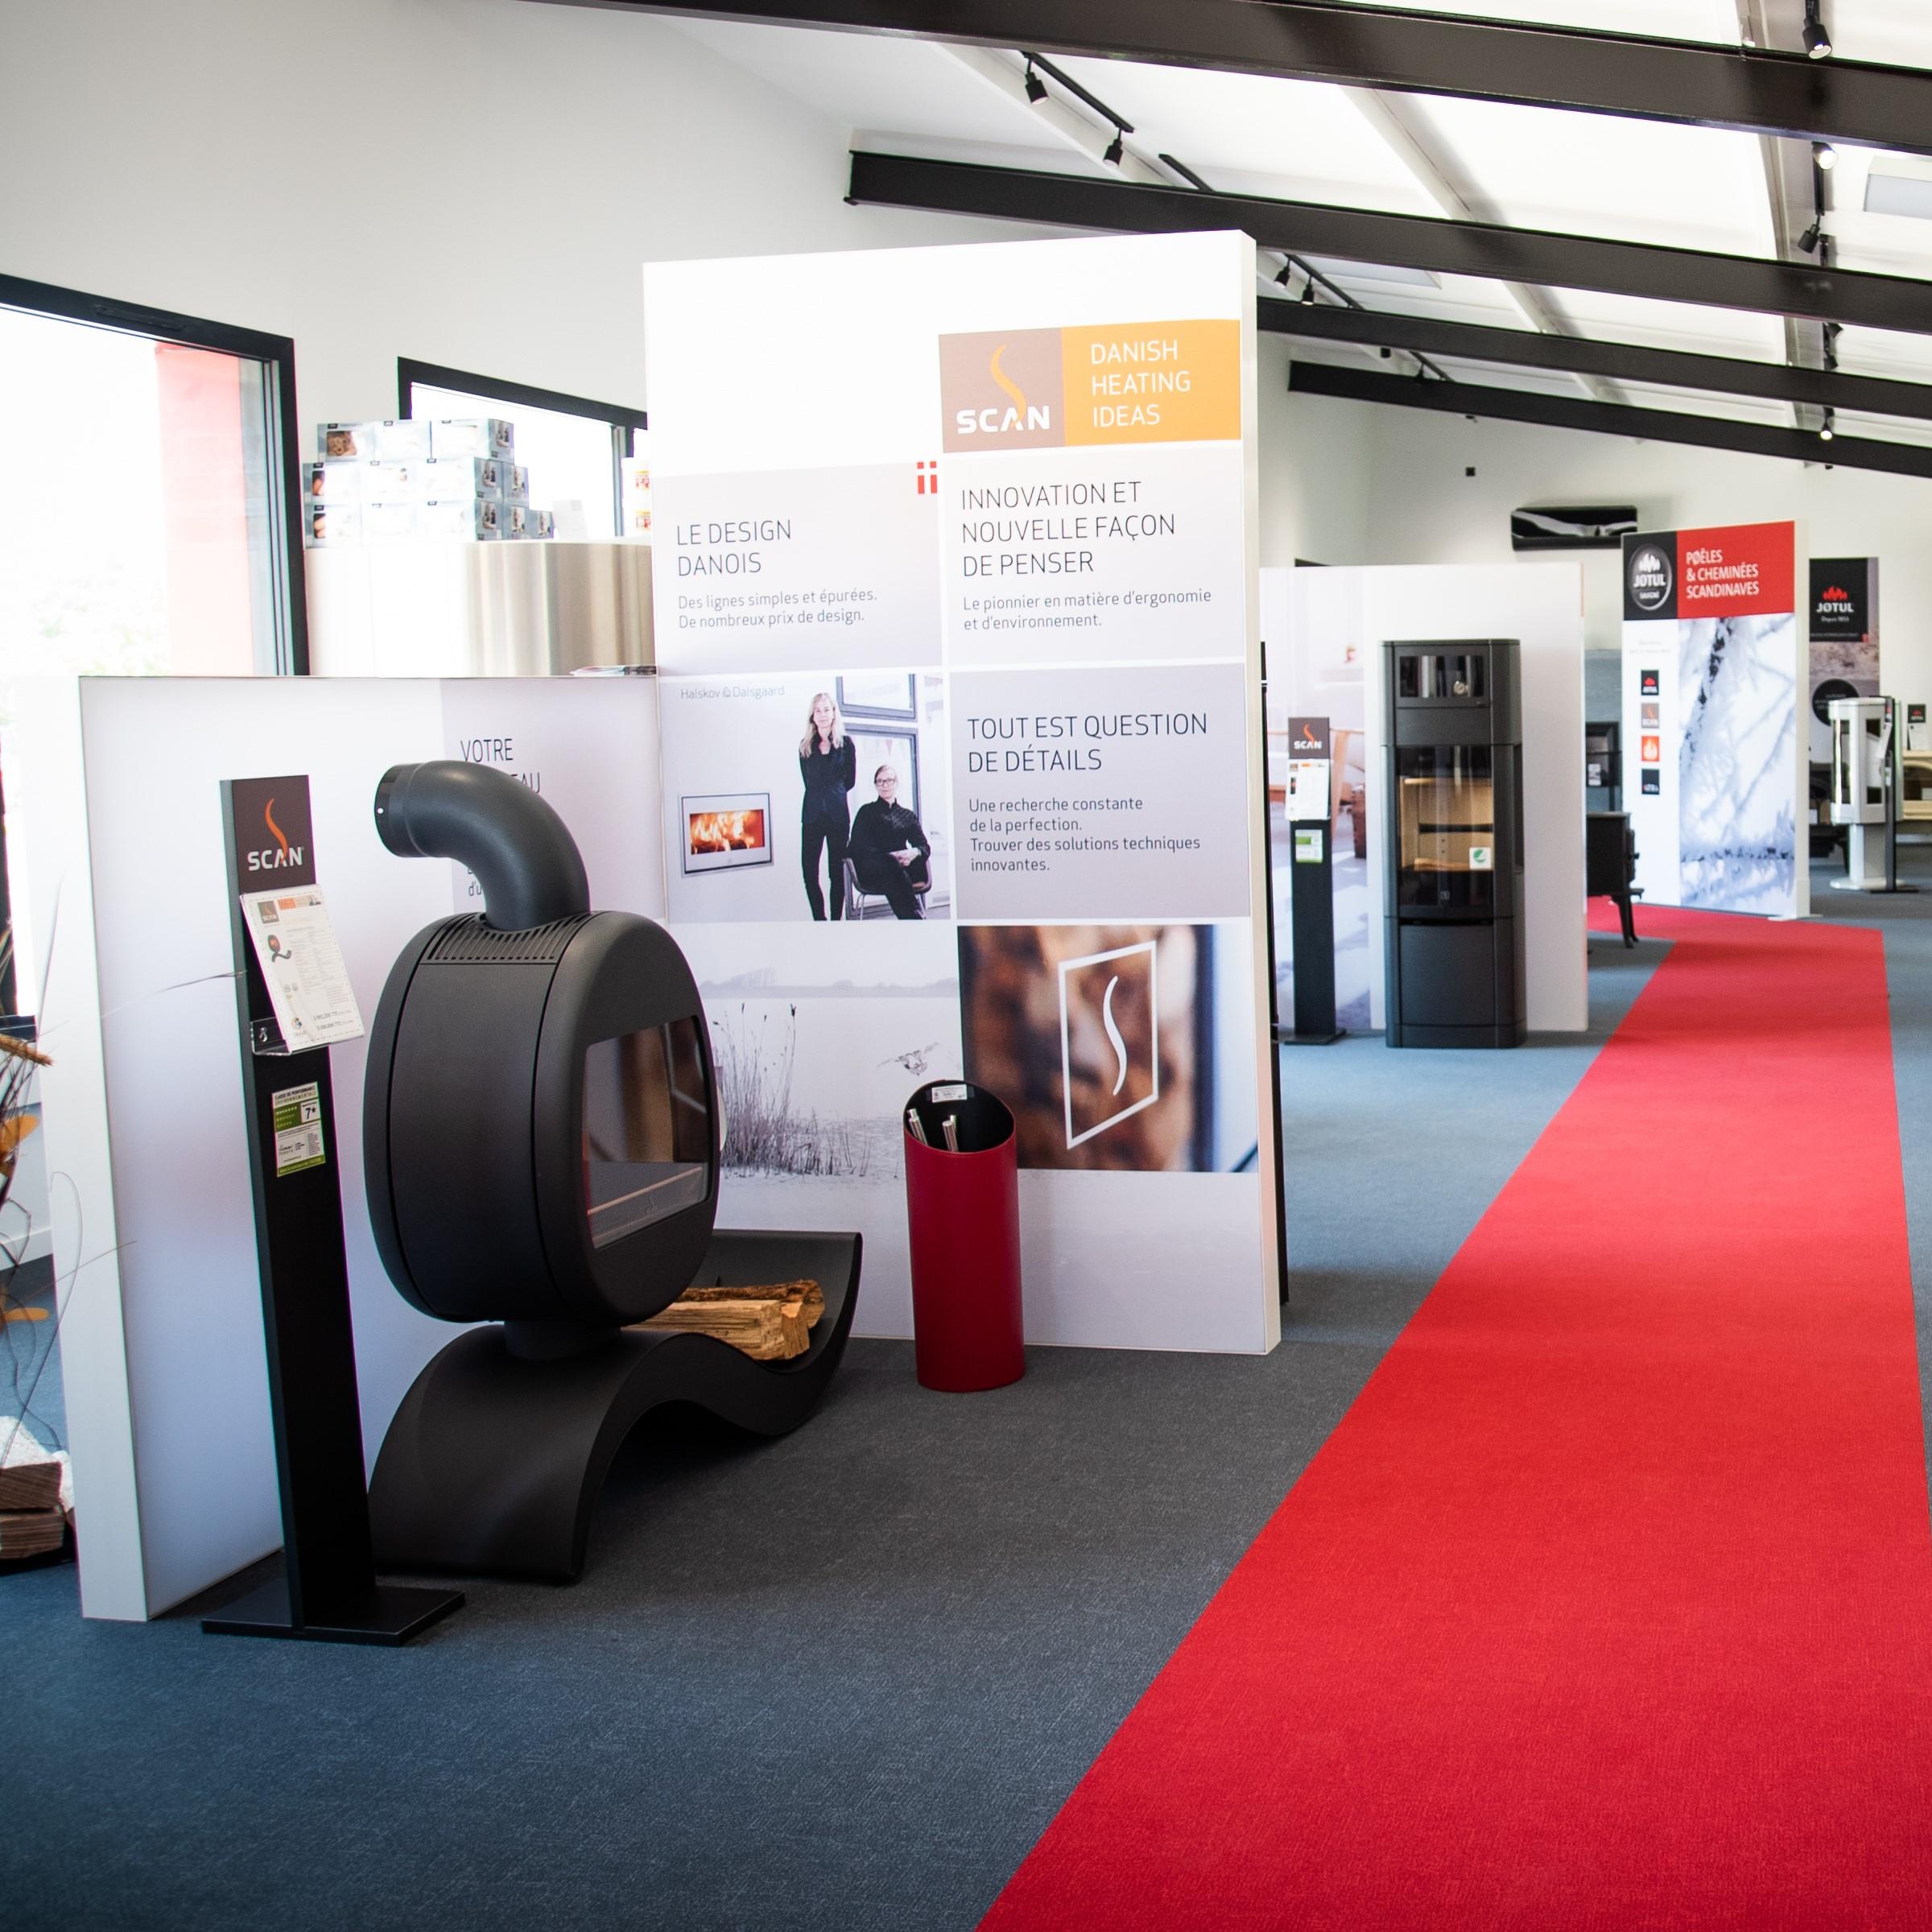 Showroom JOTUL Savigné, Giraud & Fil, poêle à bois SCAN, design, acier, compartiment four, design danois